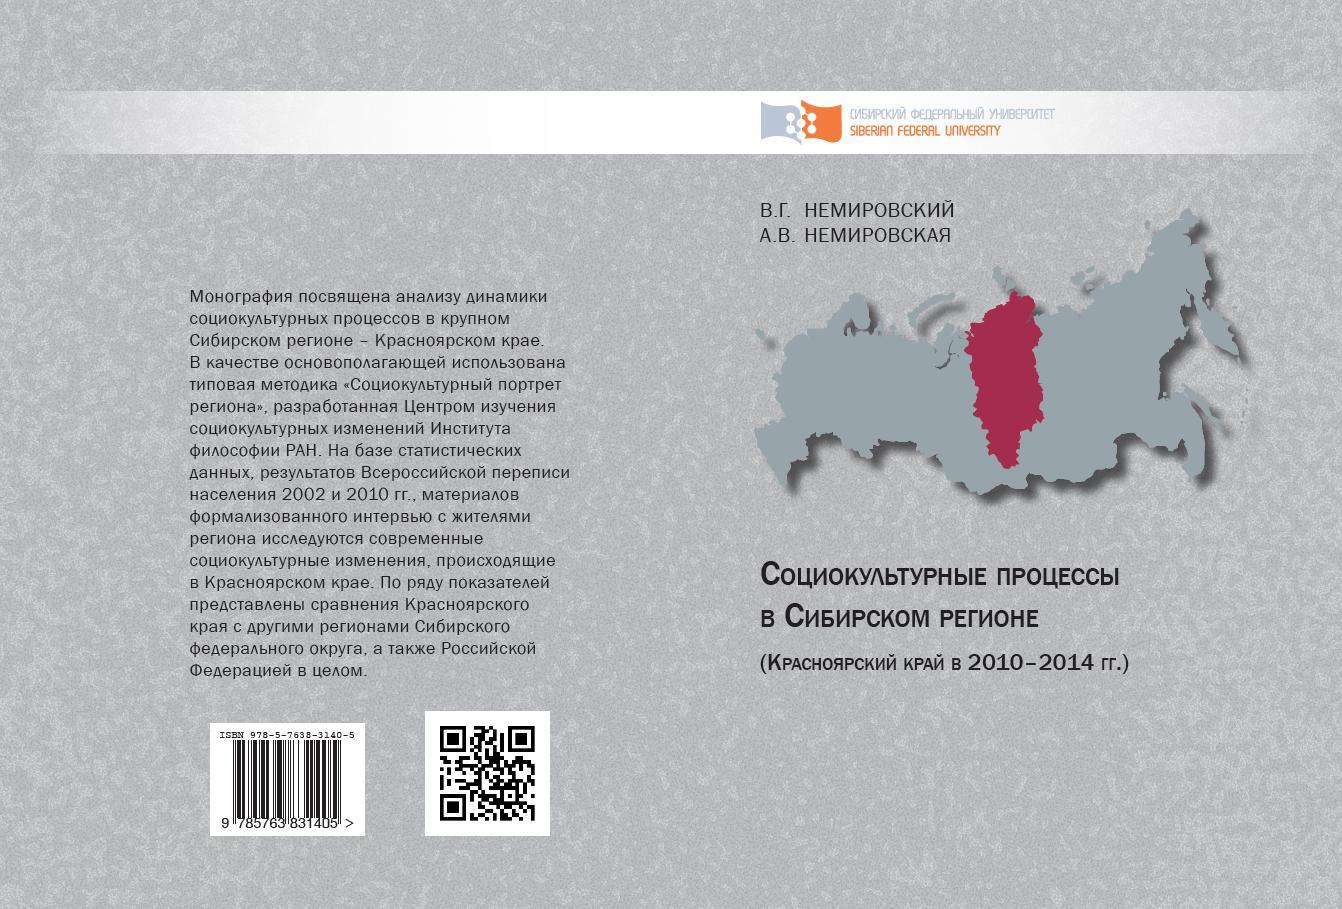 Социокультурные процессы в Сибирском регионе (Красноярский край в 2010–2014 гг.)